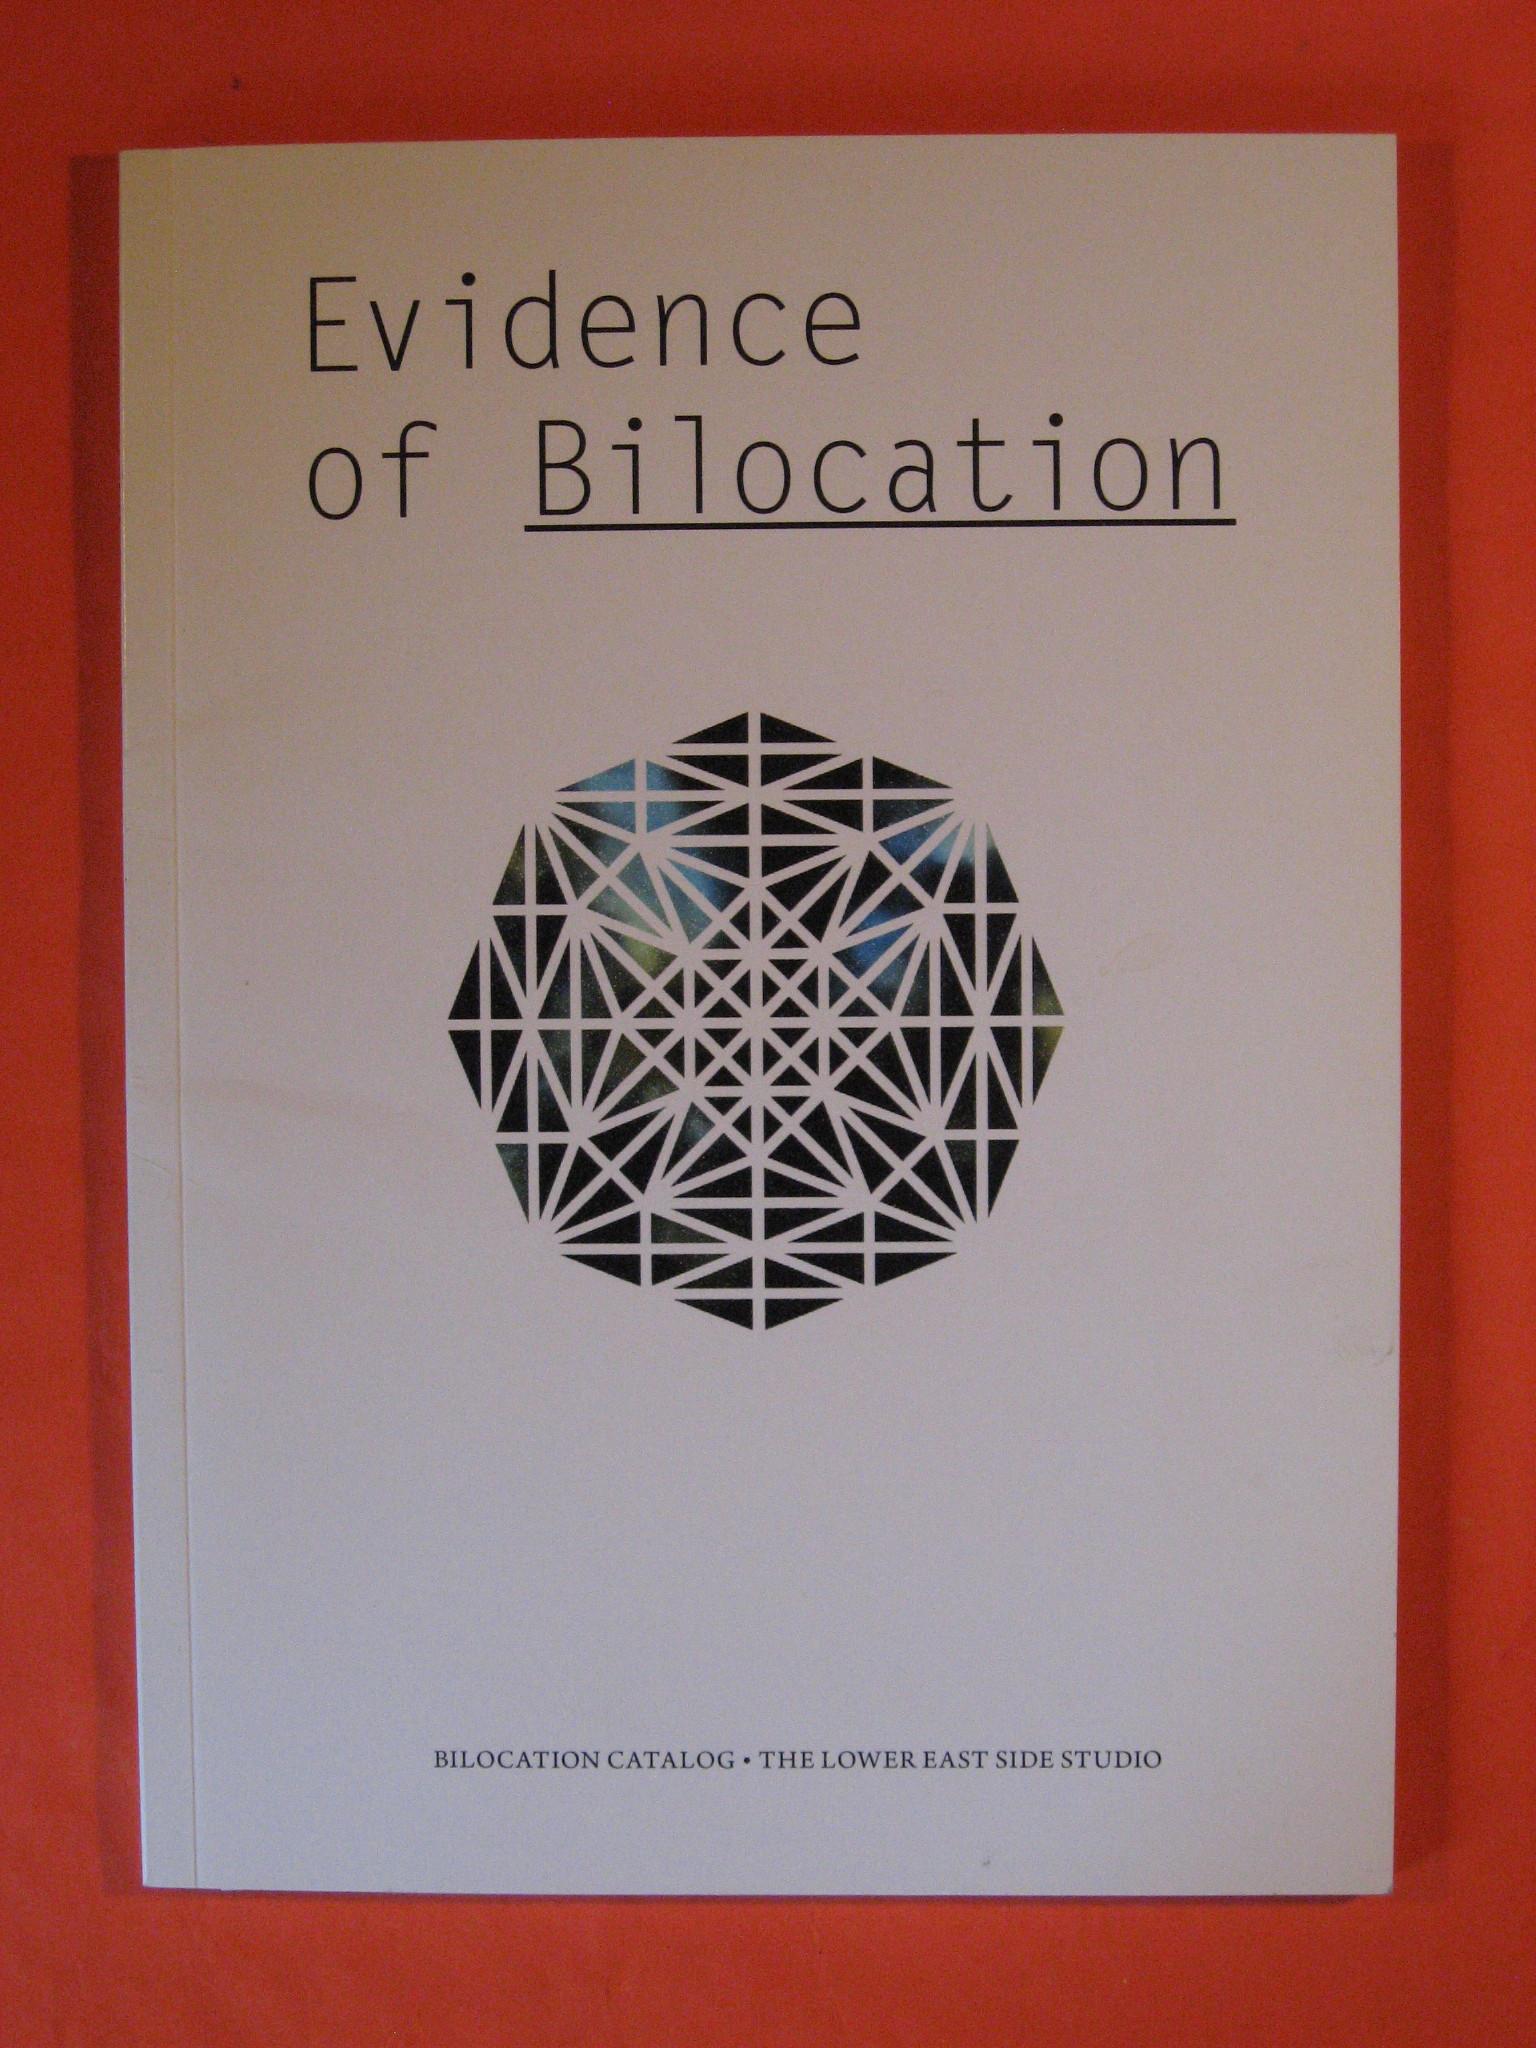 Evidence of Bilocation, Orsten, Jill (ed.) Giroday, Lisa; Philips, Sam; Swaney, Mike